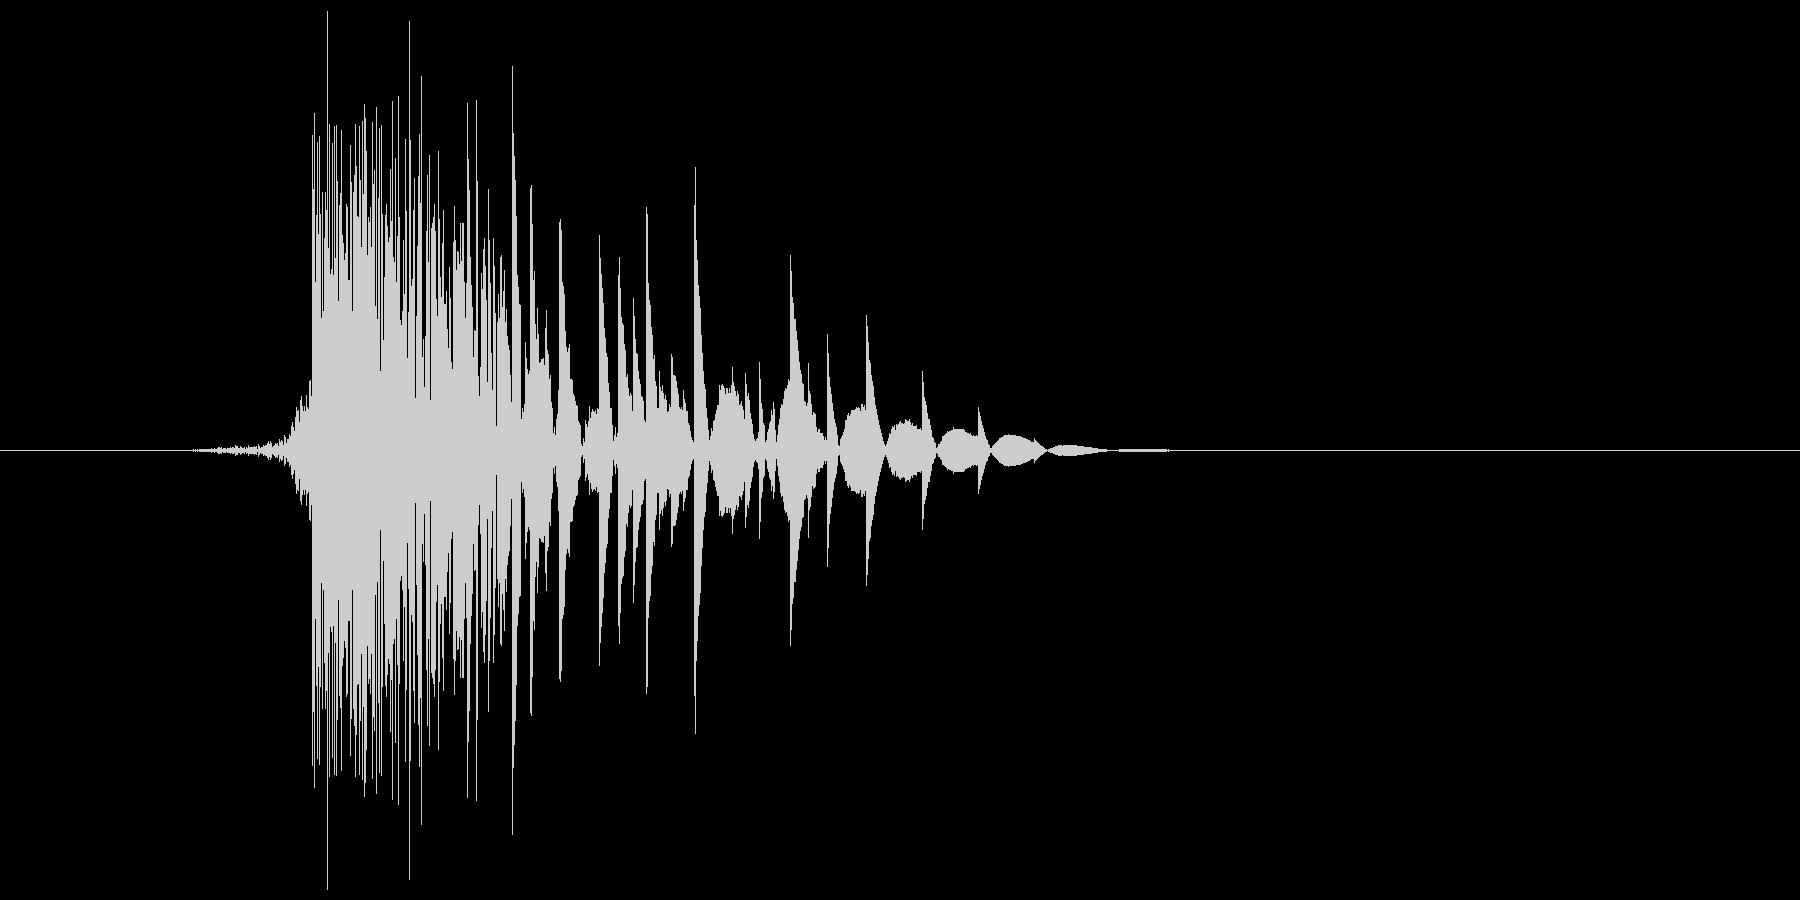 ゲーム(ファミコン風)ヒット音_007の未再生の波形